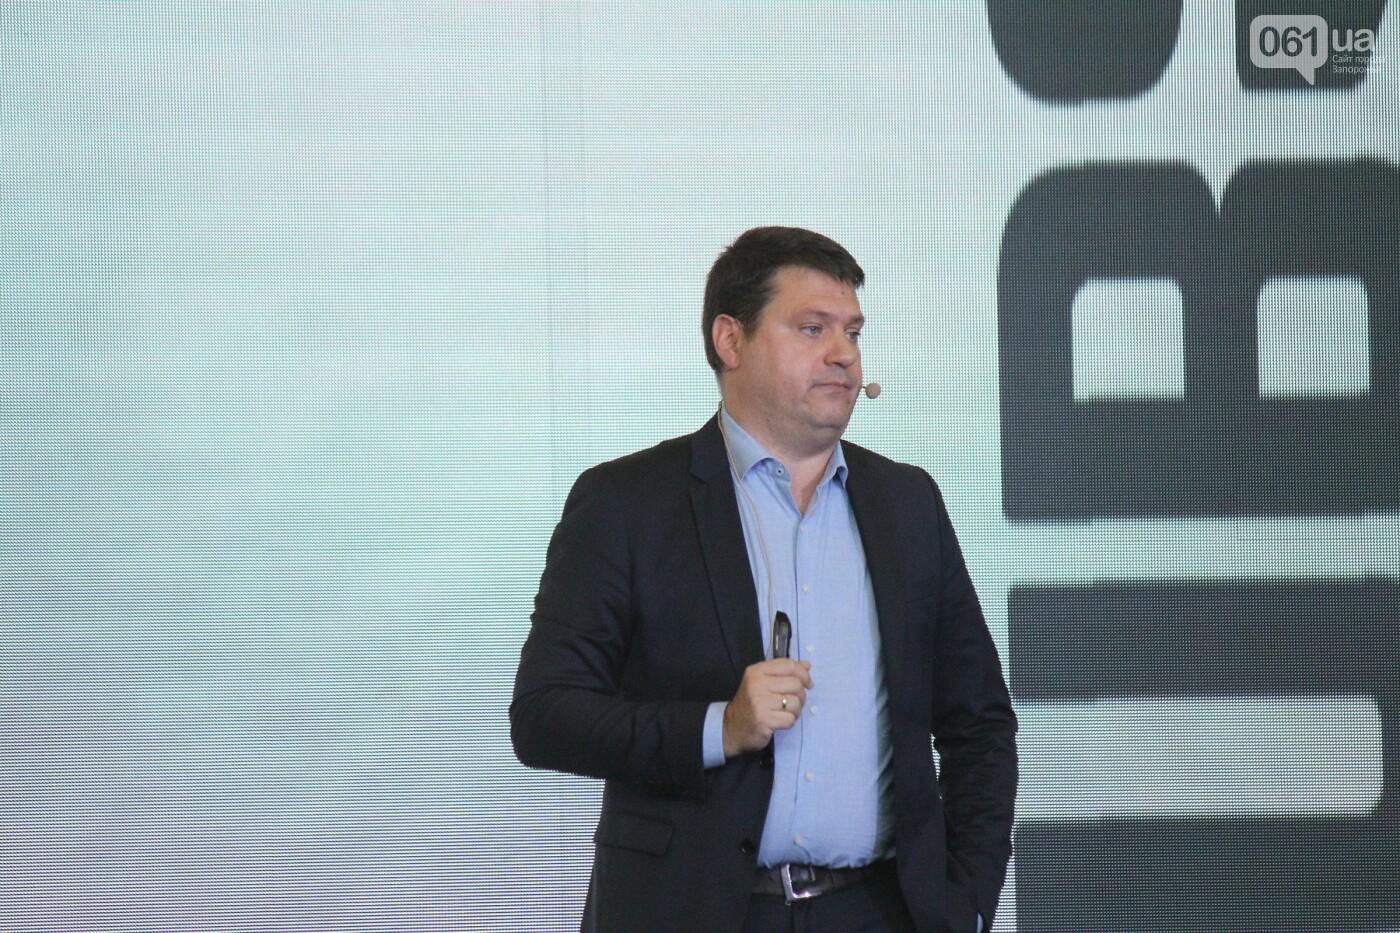 Роботы, киберспорт и спикеры-иностранцы: в Запорожье начался International IT Forum, – ФОТОРЕПОРТАЖ, фото-25